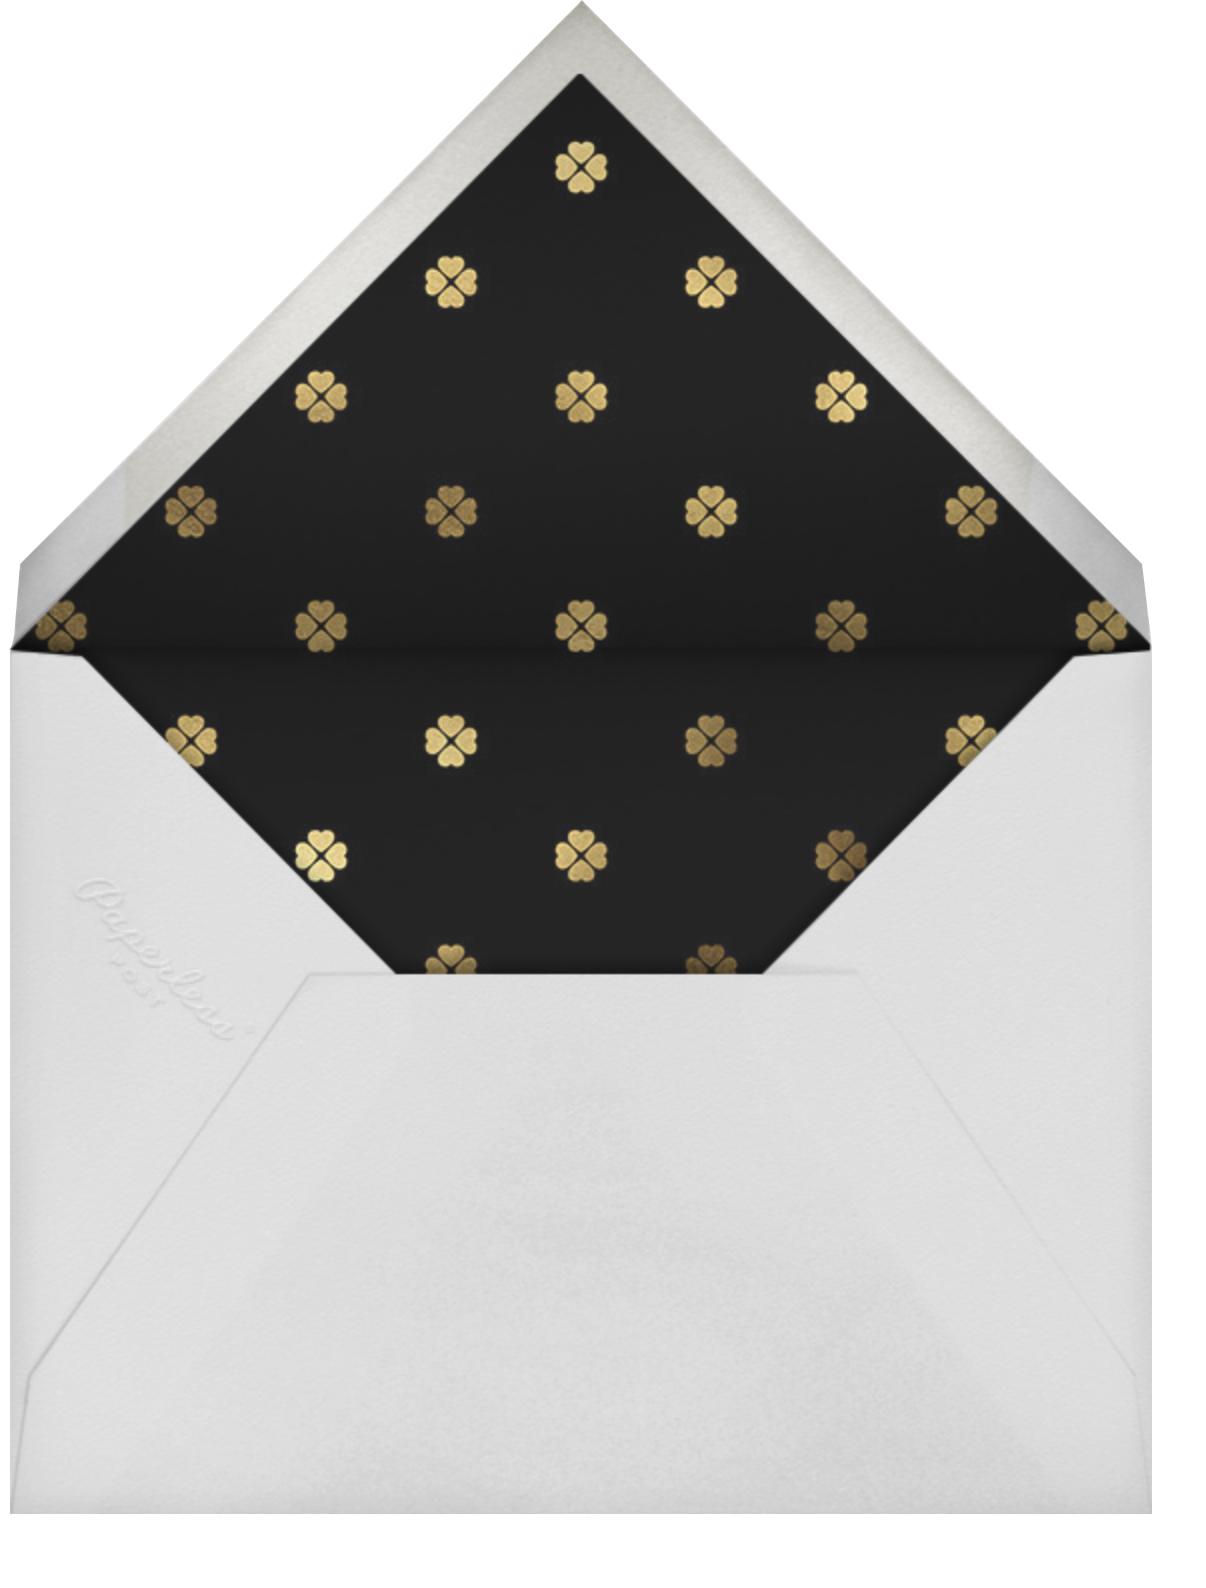 Let's Groove - Black - kate spade new york - Reception - envelope back